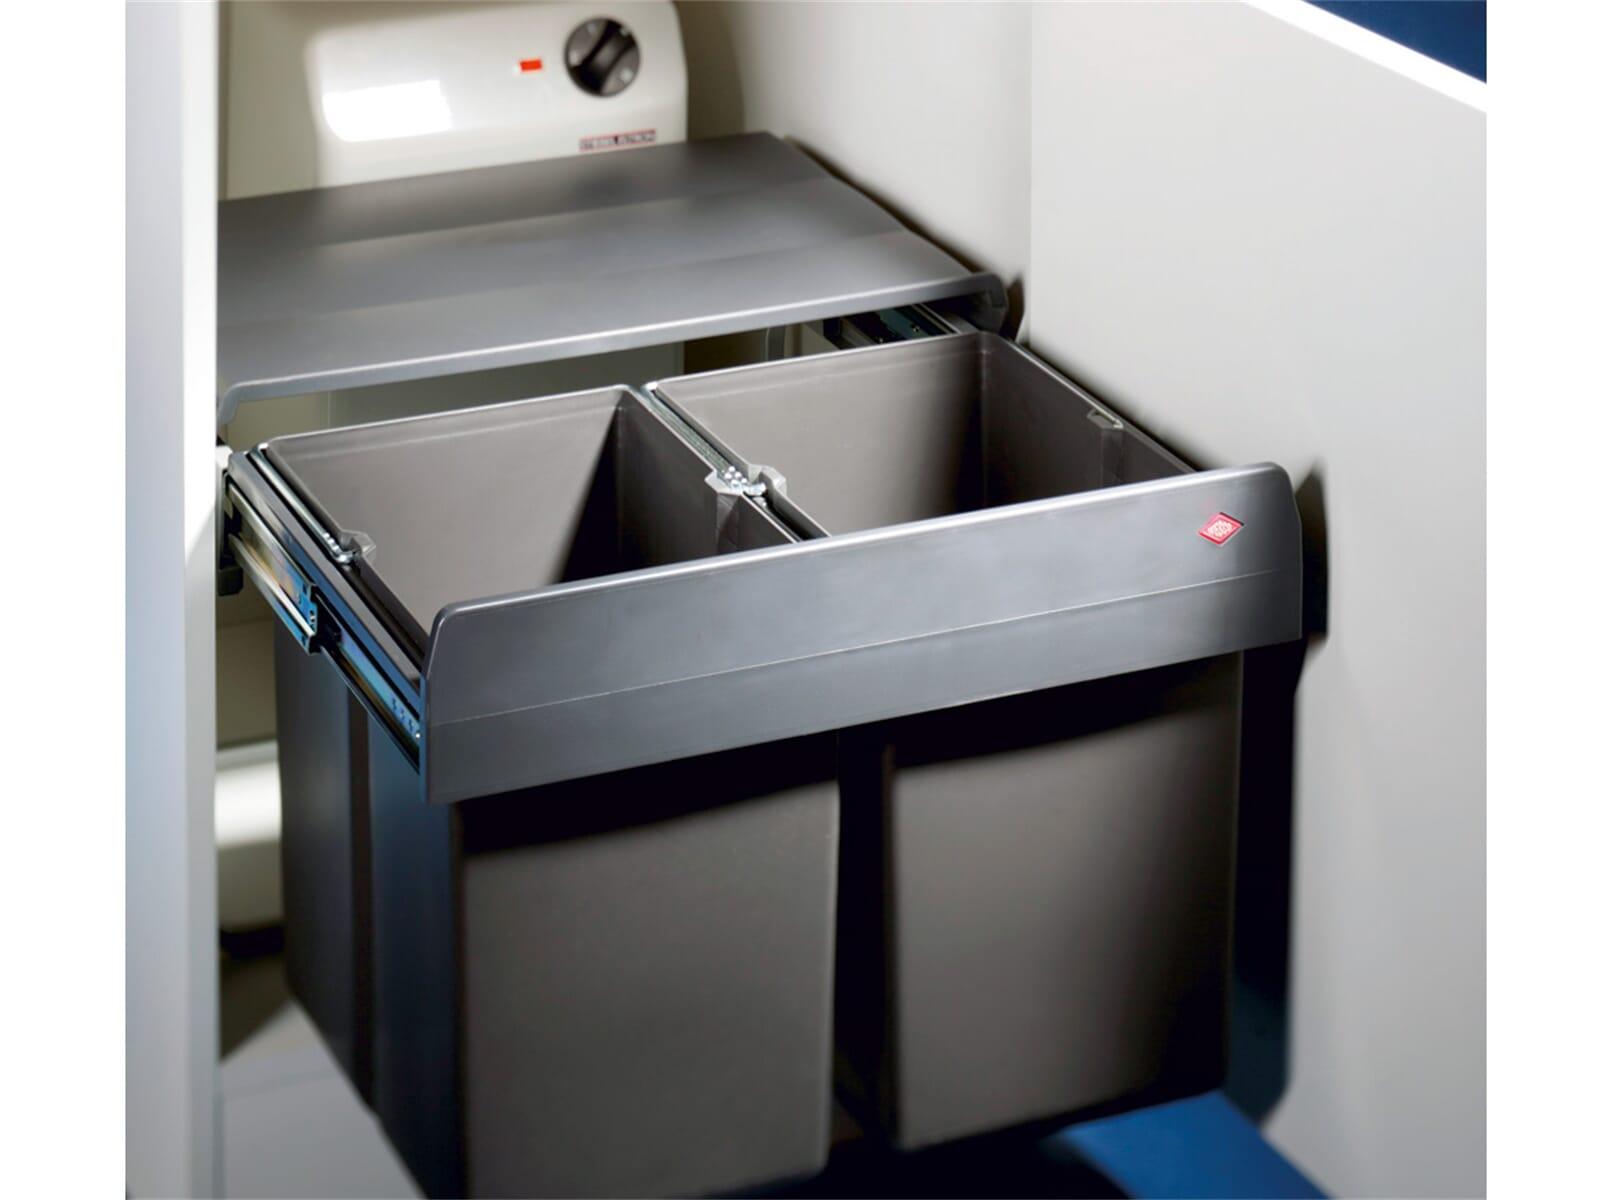 Küchen Abfallsammler mit gut ideen für ihr haus design ideen